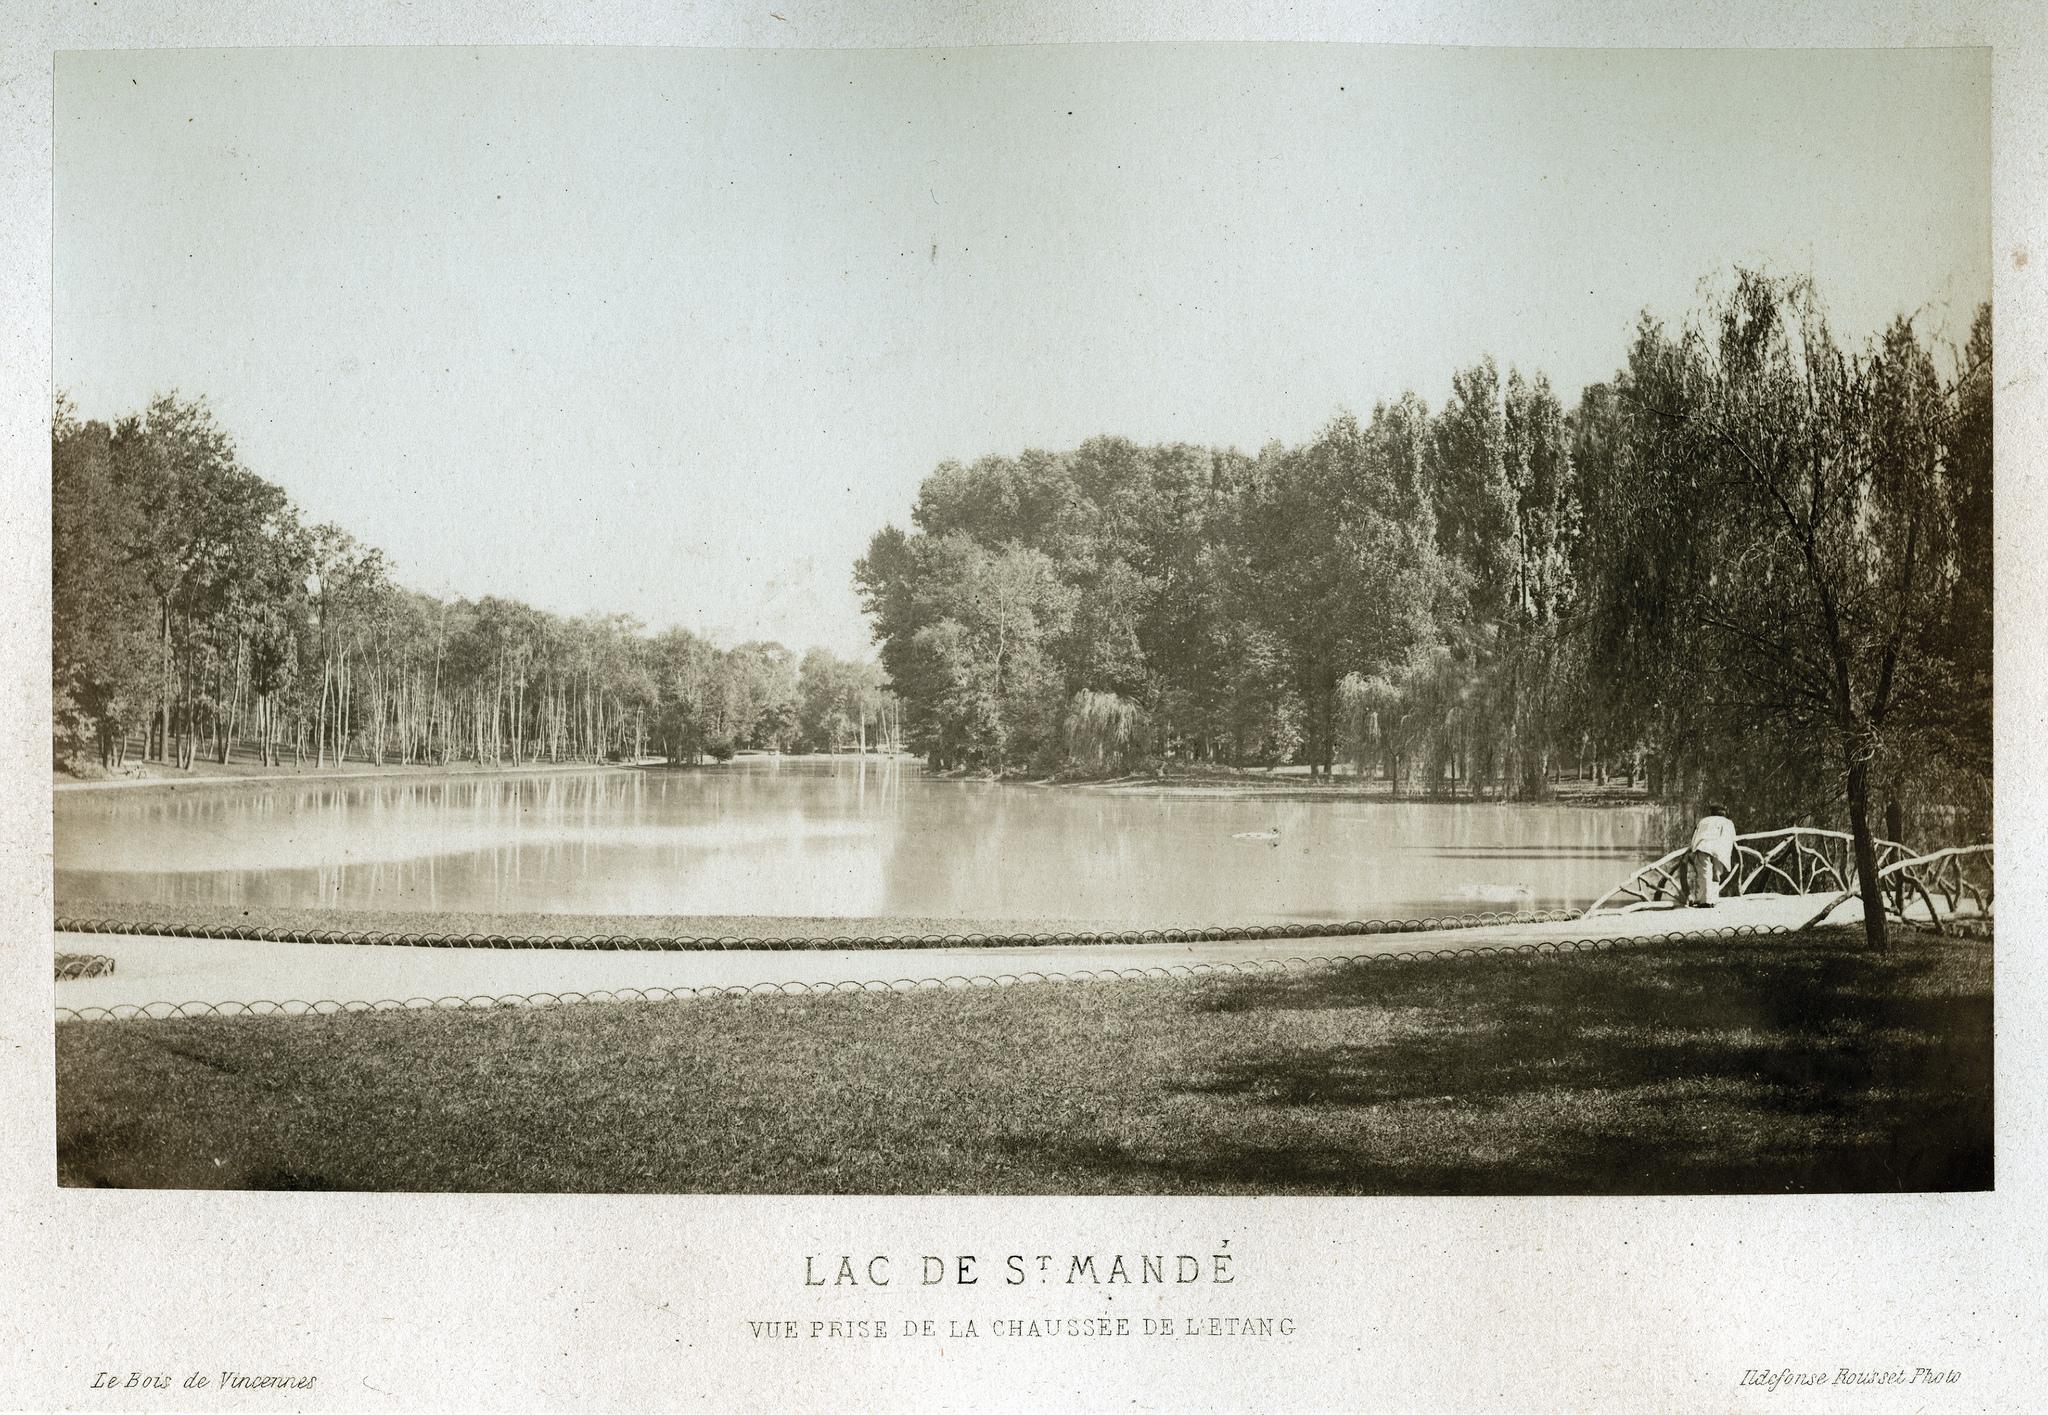 Озеро Сен-Мандэ